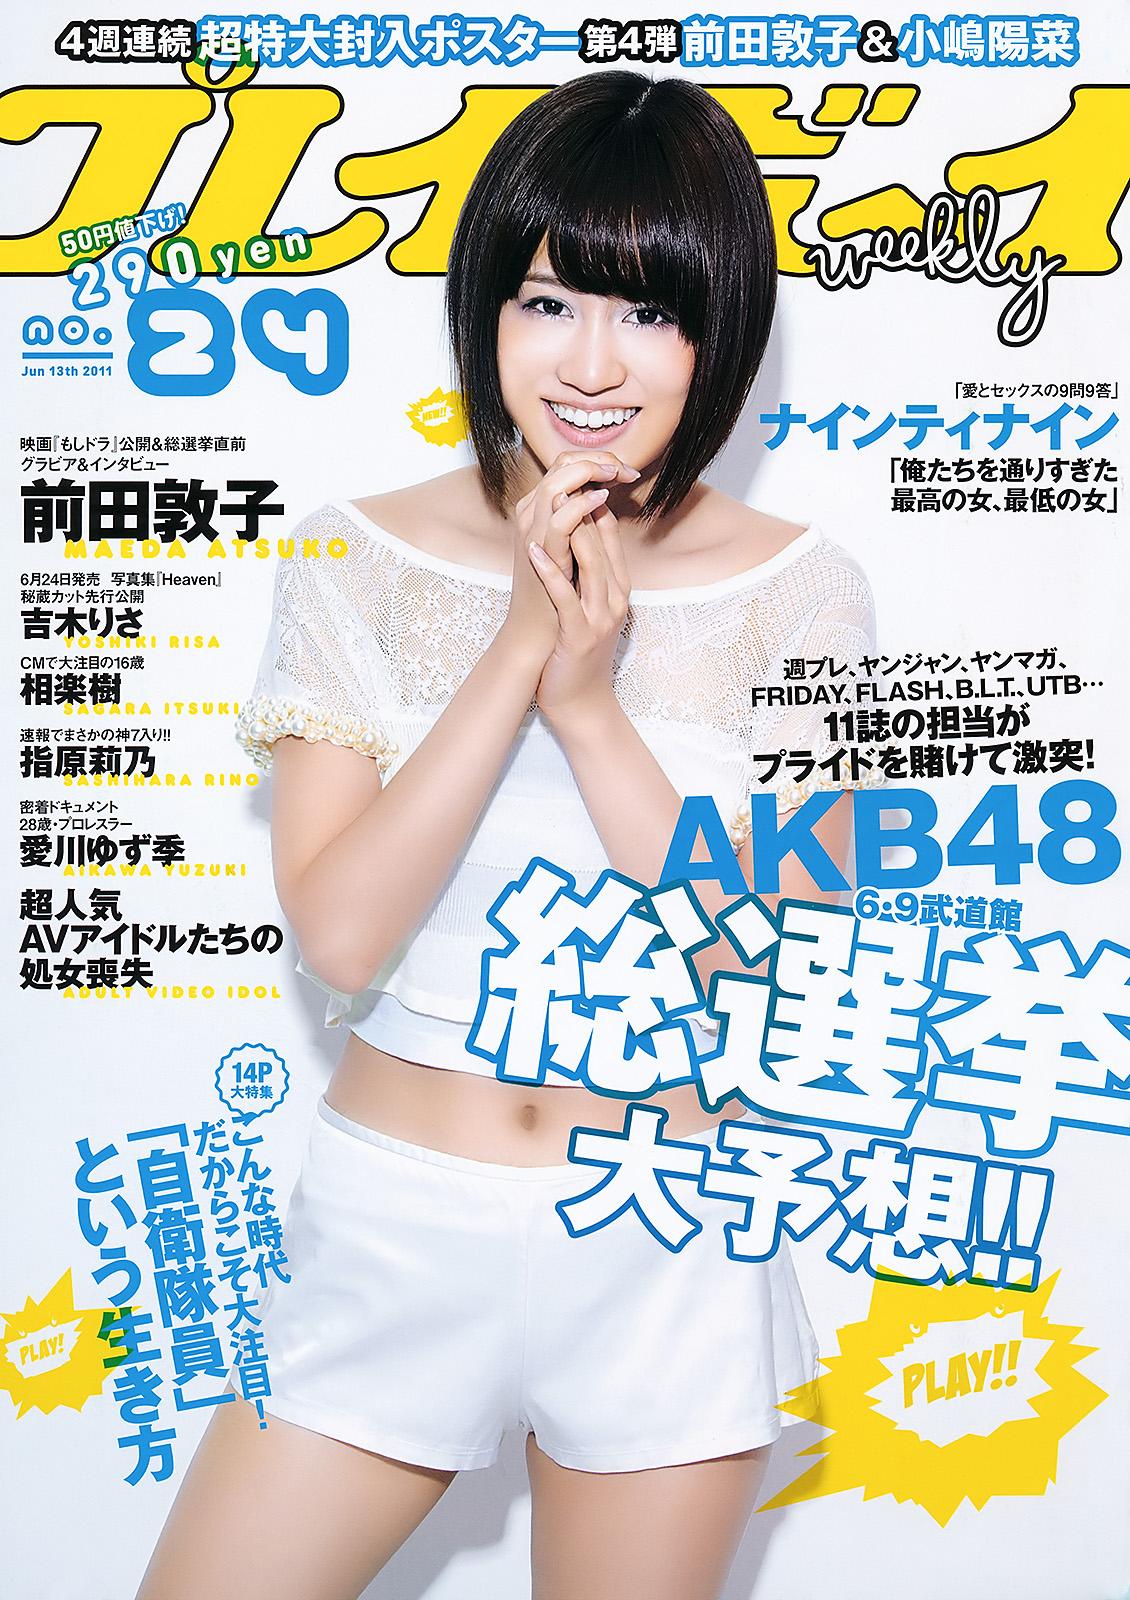 20151024.03.04 Weekly Playboy (2011.24) 001 (JPOP.ru).jpg